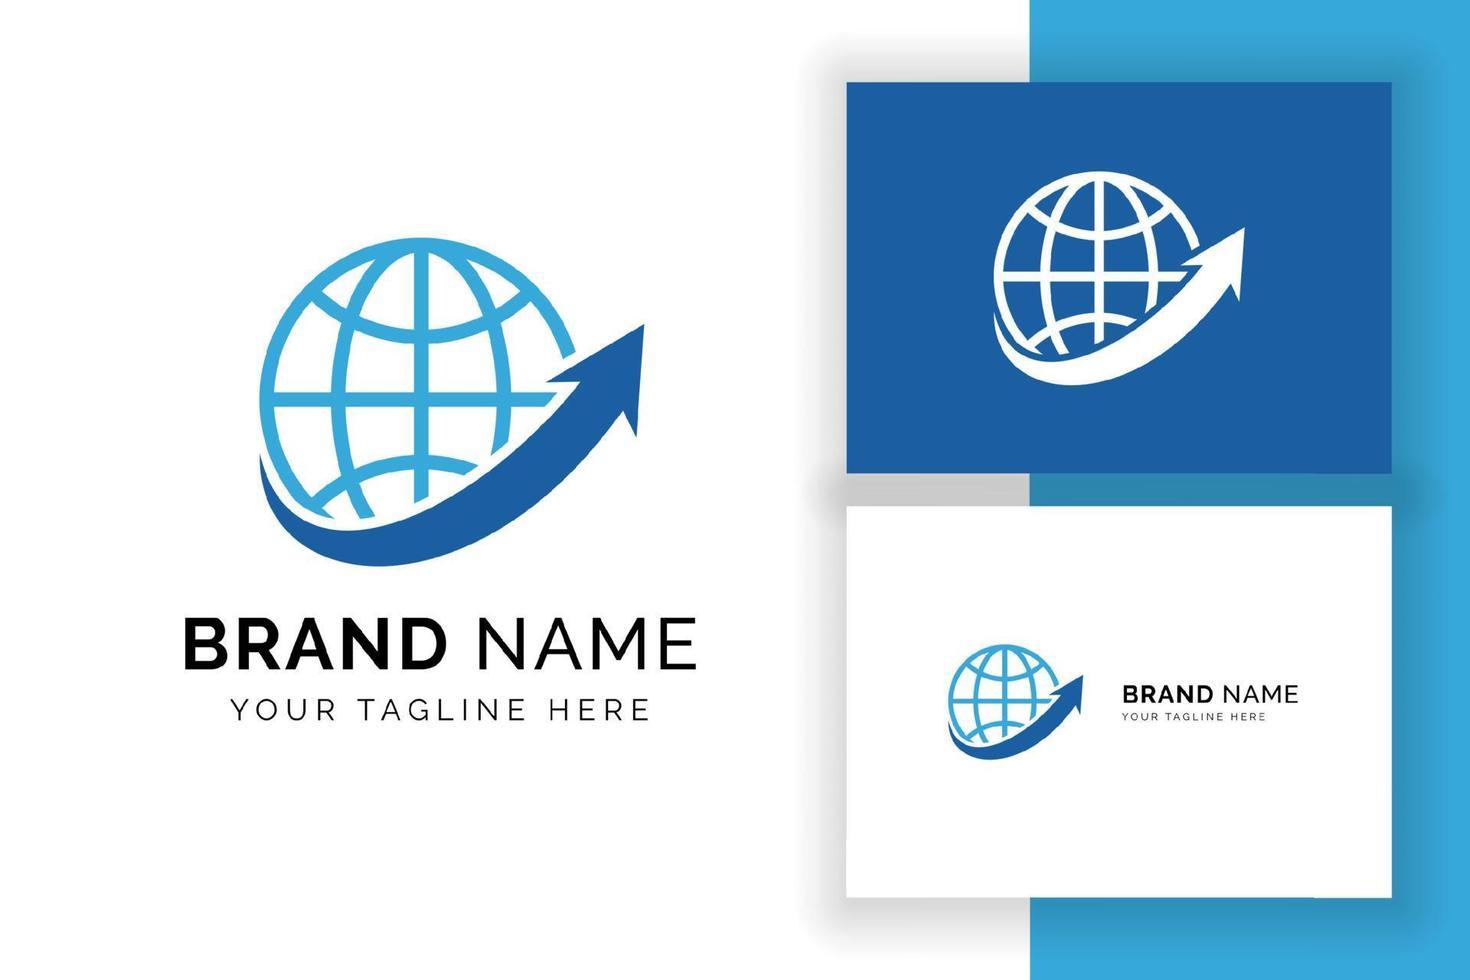 modelo de design de logotipo de negócios de finanças mundiais. globo com logotipo de vetor de seta.